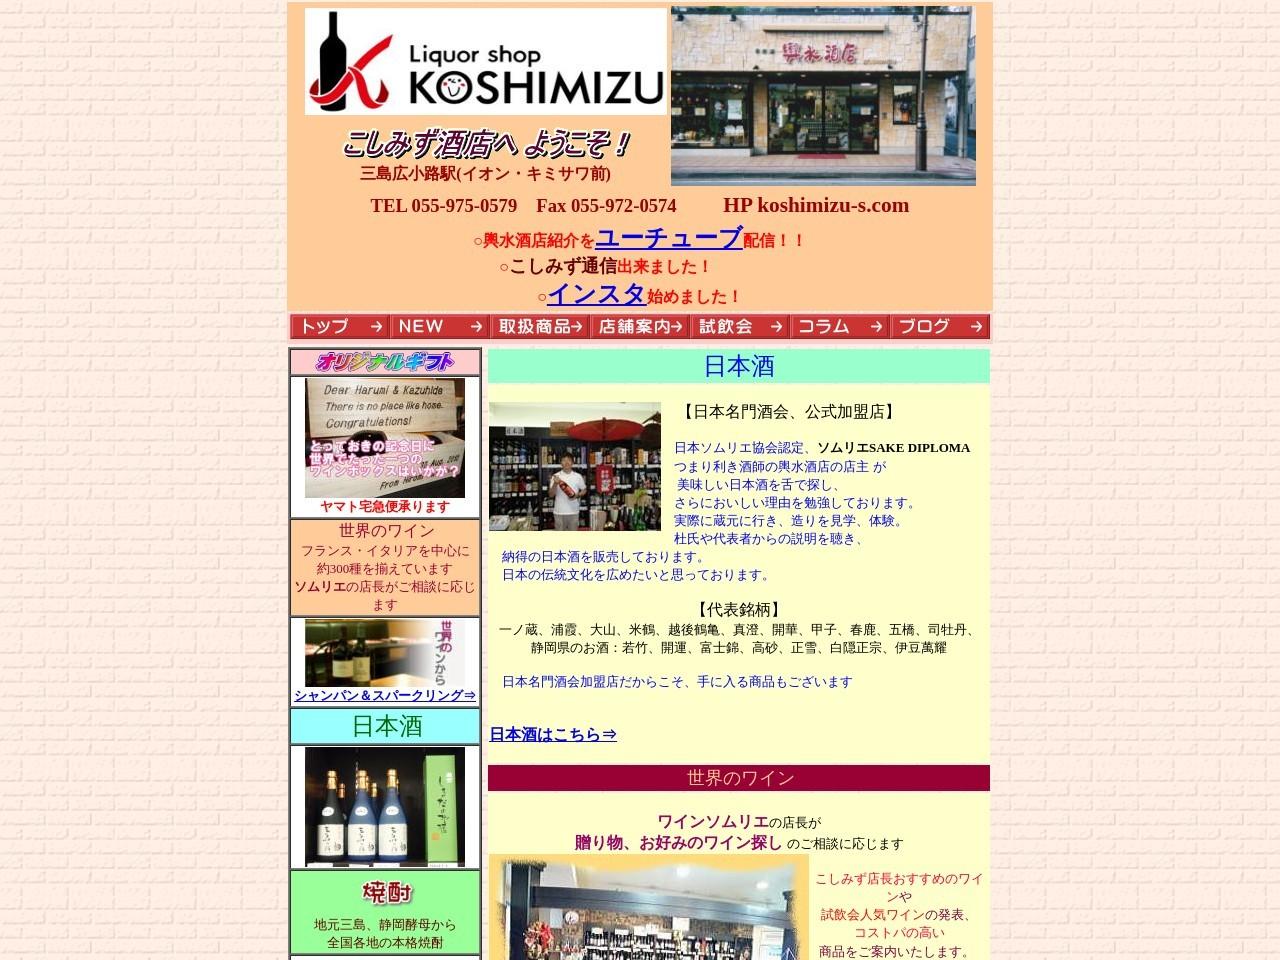 静岡県三島市 ワインといえばこしみず 輿水酒店へようこそ